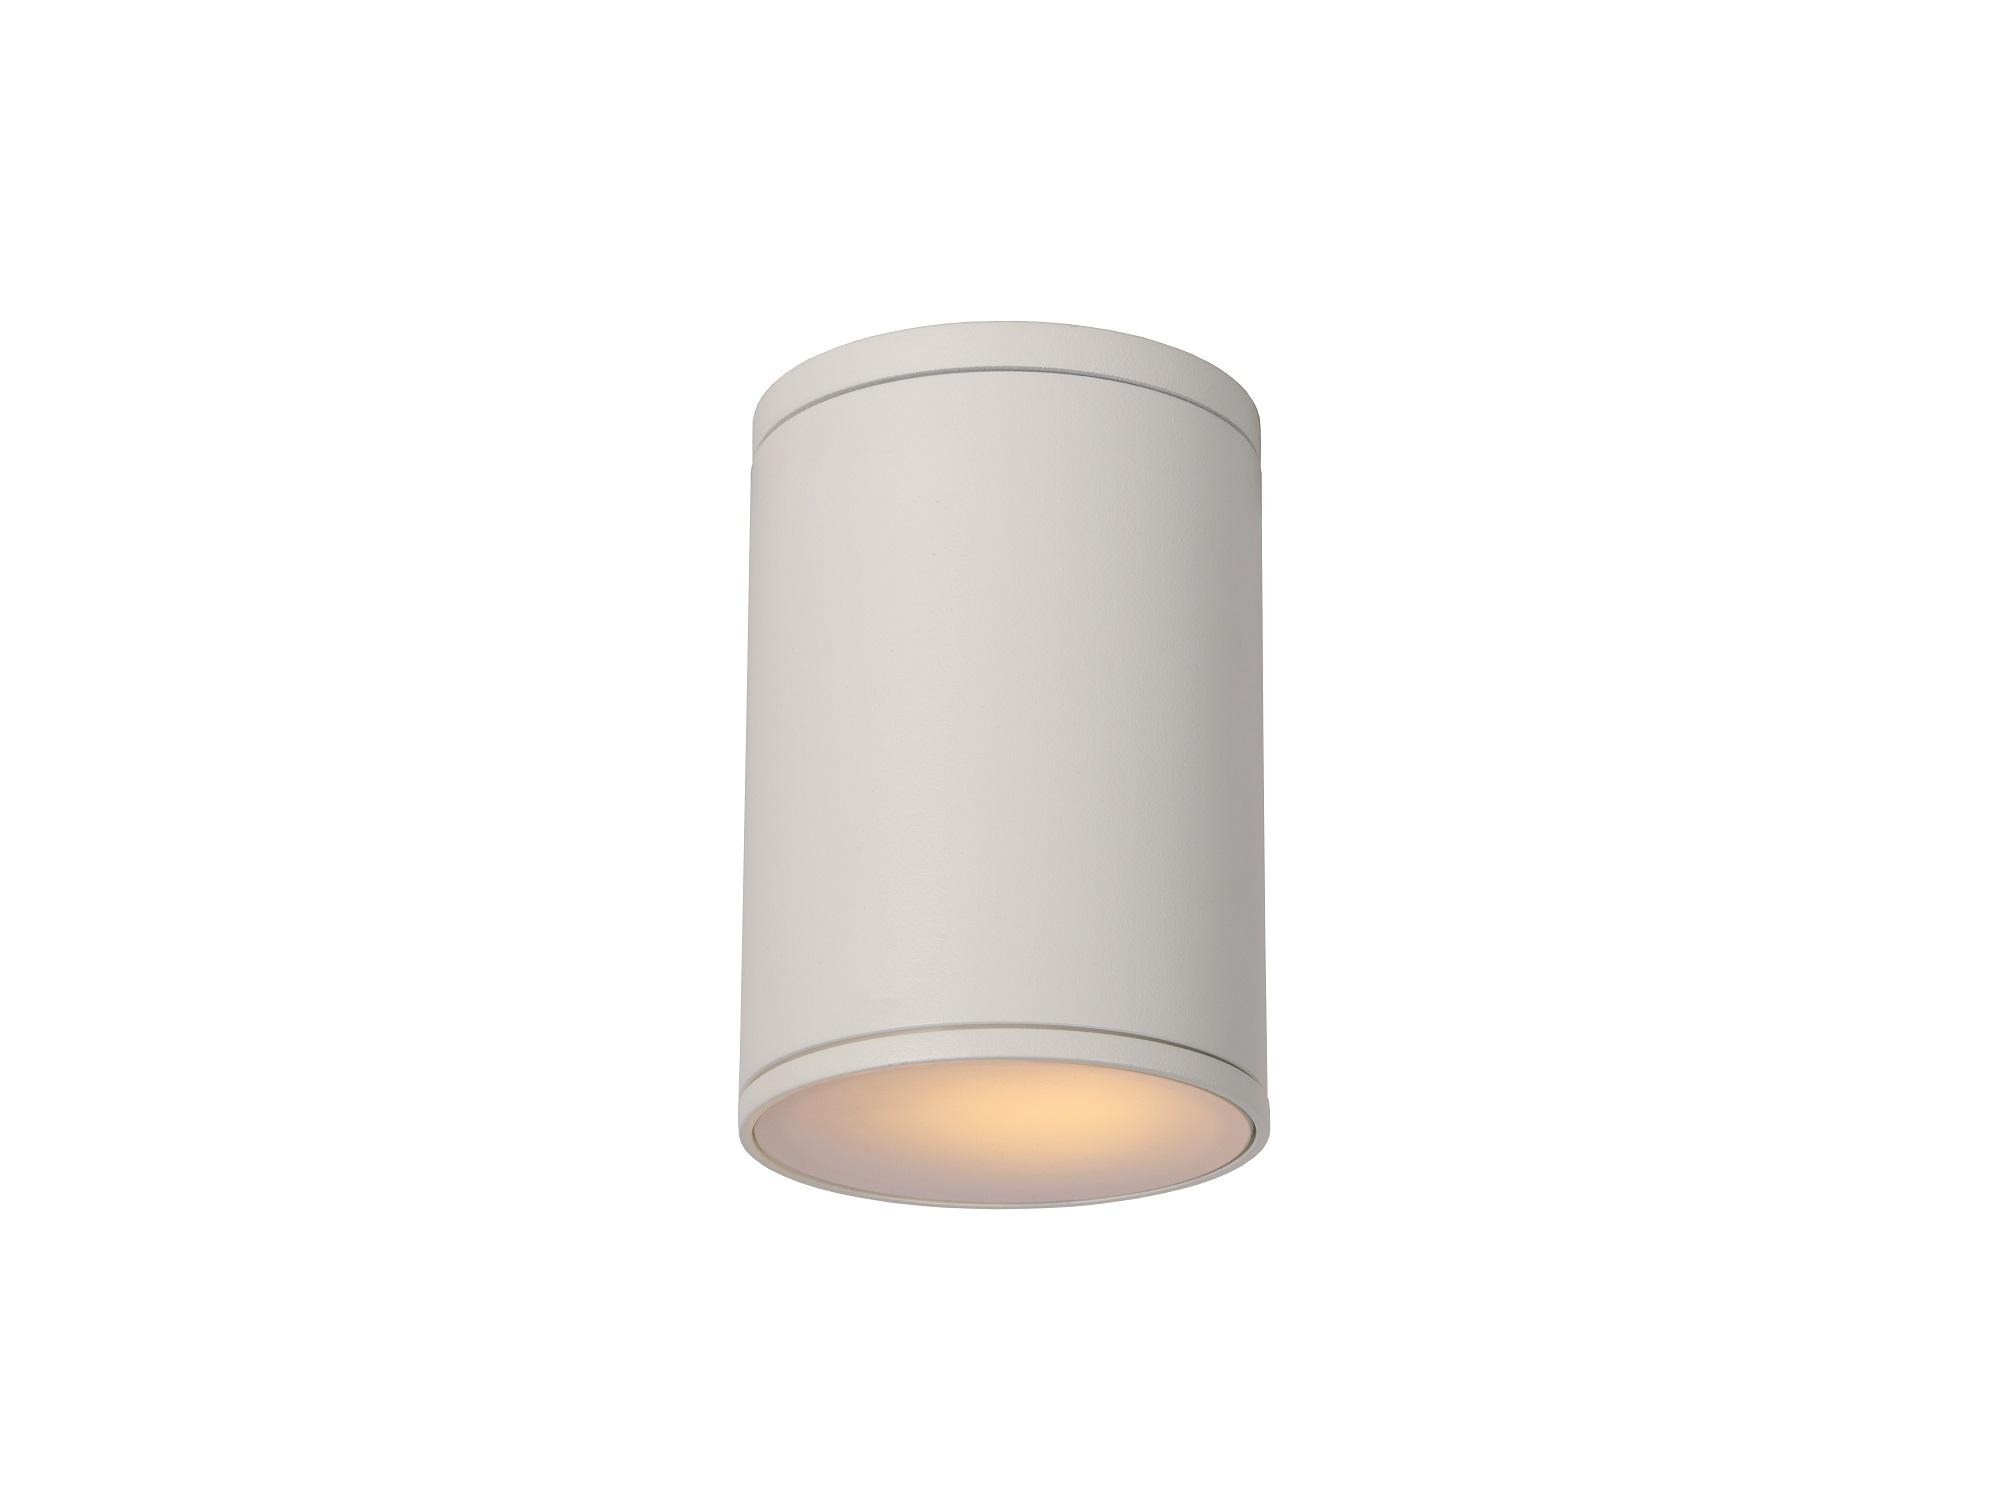 Потолочный светильник TubixУличные подвесные и потолочные светильники<br>&amp;lt;div&amp;gt;&amp;lt;div&amp;gt;Вид цоколя: E27&amp;lt;/div&amp;gt;&amp;lt;div&amp;gt;Мощность: &amp;amp;nbsp;60W&amp;amp;nbsp;&amp;lt;/div&amp;gt;&amp;lt;div&amp;gt;Количество ламп: 1 (нет в комплекте)&amp;lt;/div&amp;gt;&amp;amp;nbsp;<br>&amp;lt;div&amp;gt;&amp;lt;br&amp;gt;&amp;lt;/div&amp;gt;&amp;lt;/div&amp;gt;<br><br>Material: Металл<br>Length см: None<br>Width см: None<br>Depth см: None<br>Height см: 15,3<br>Diameter см: 10,8